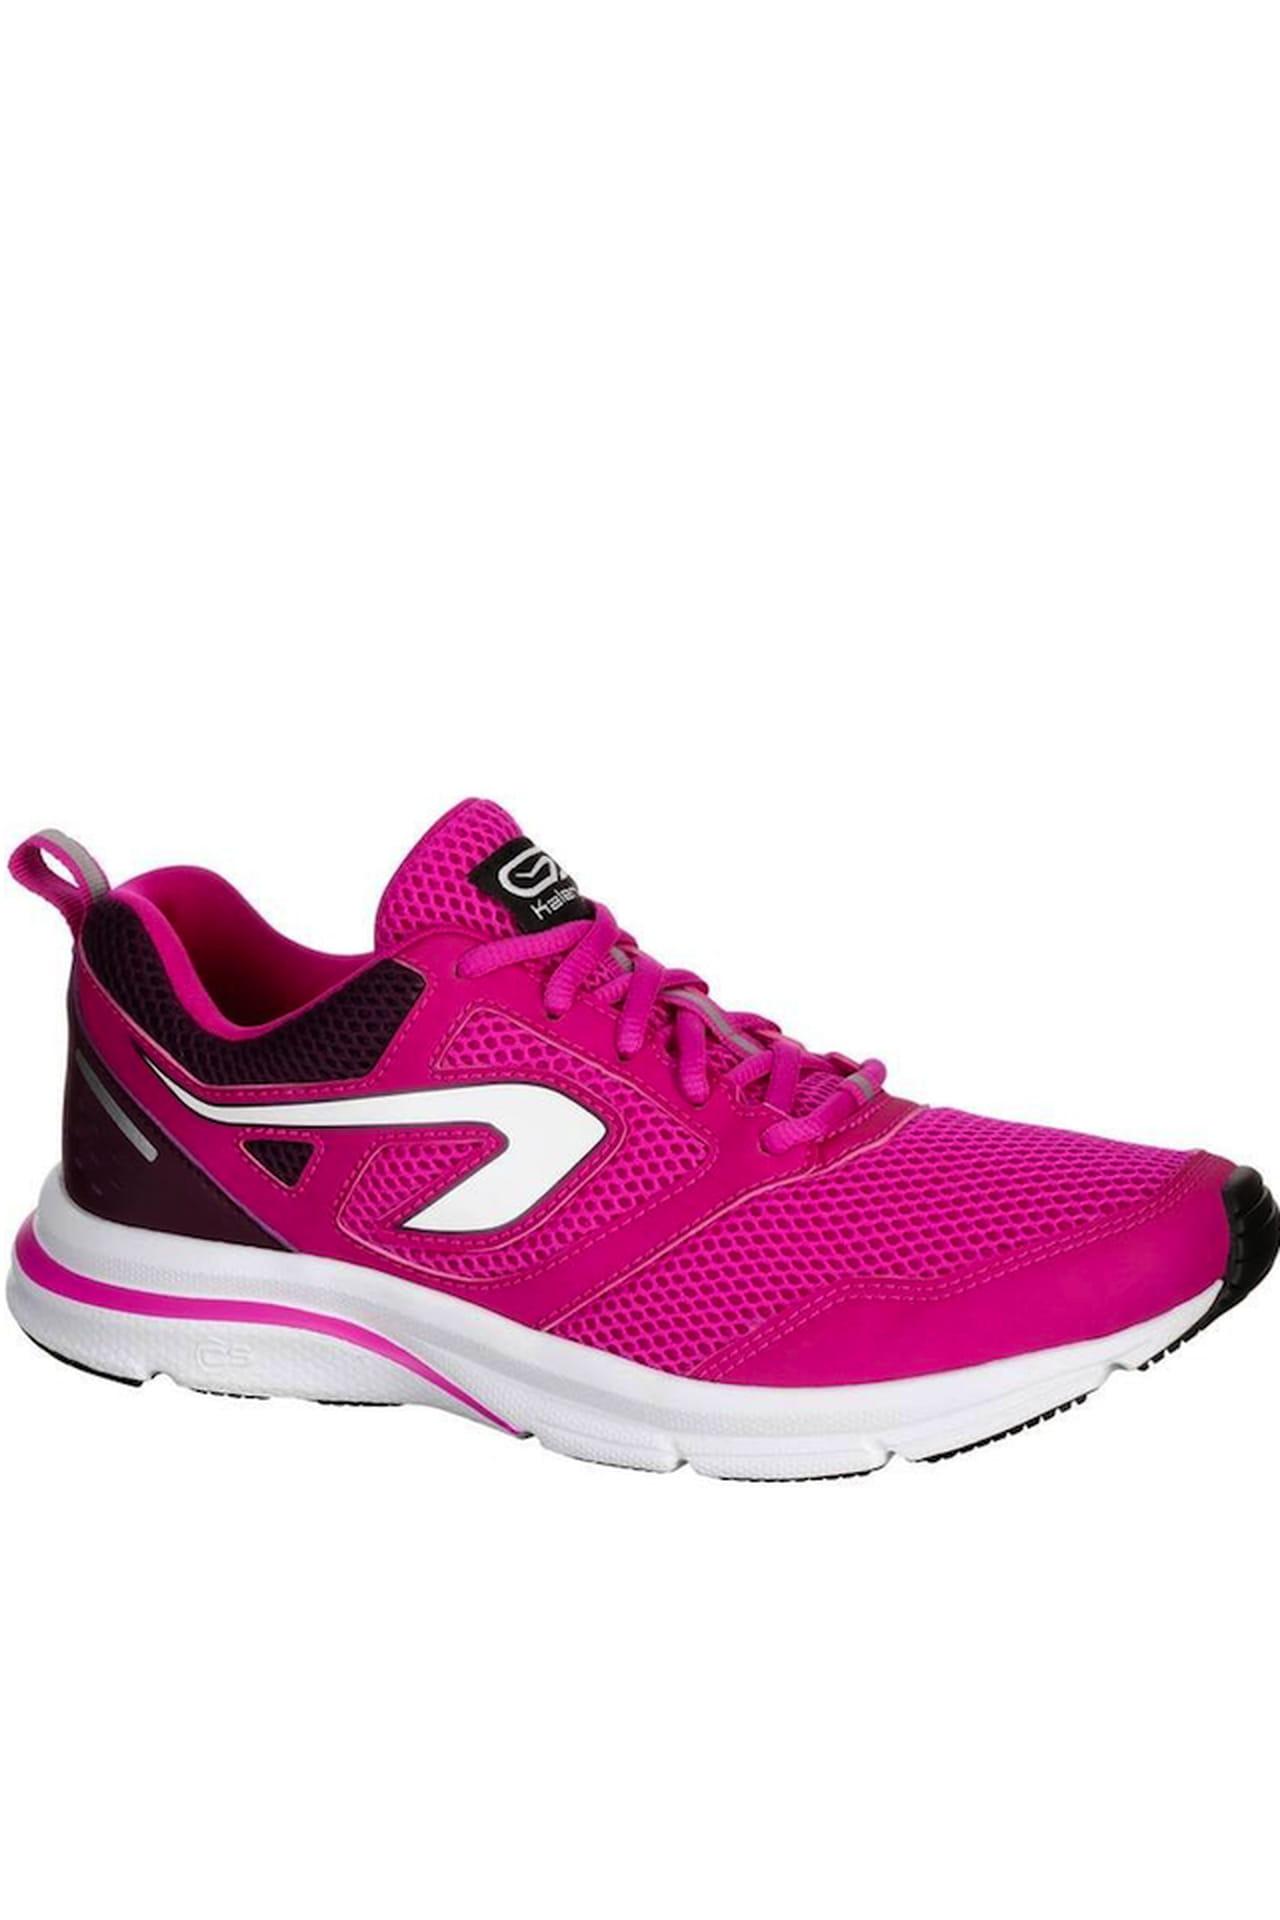 scarpe da corsa nike decathlon